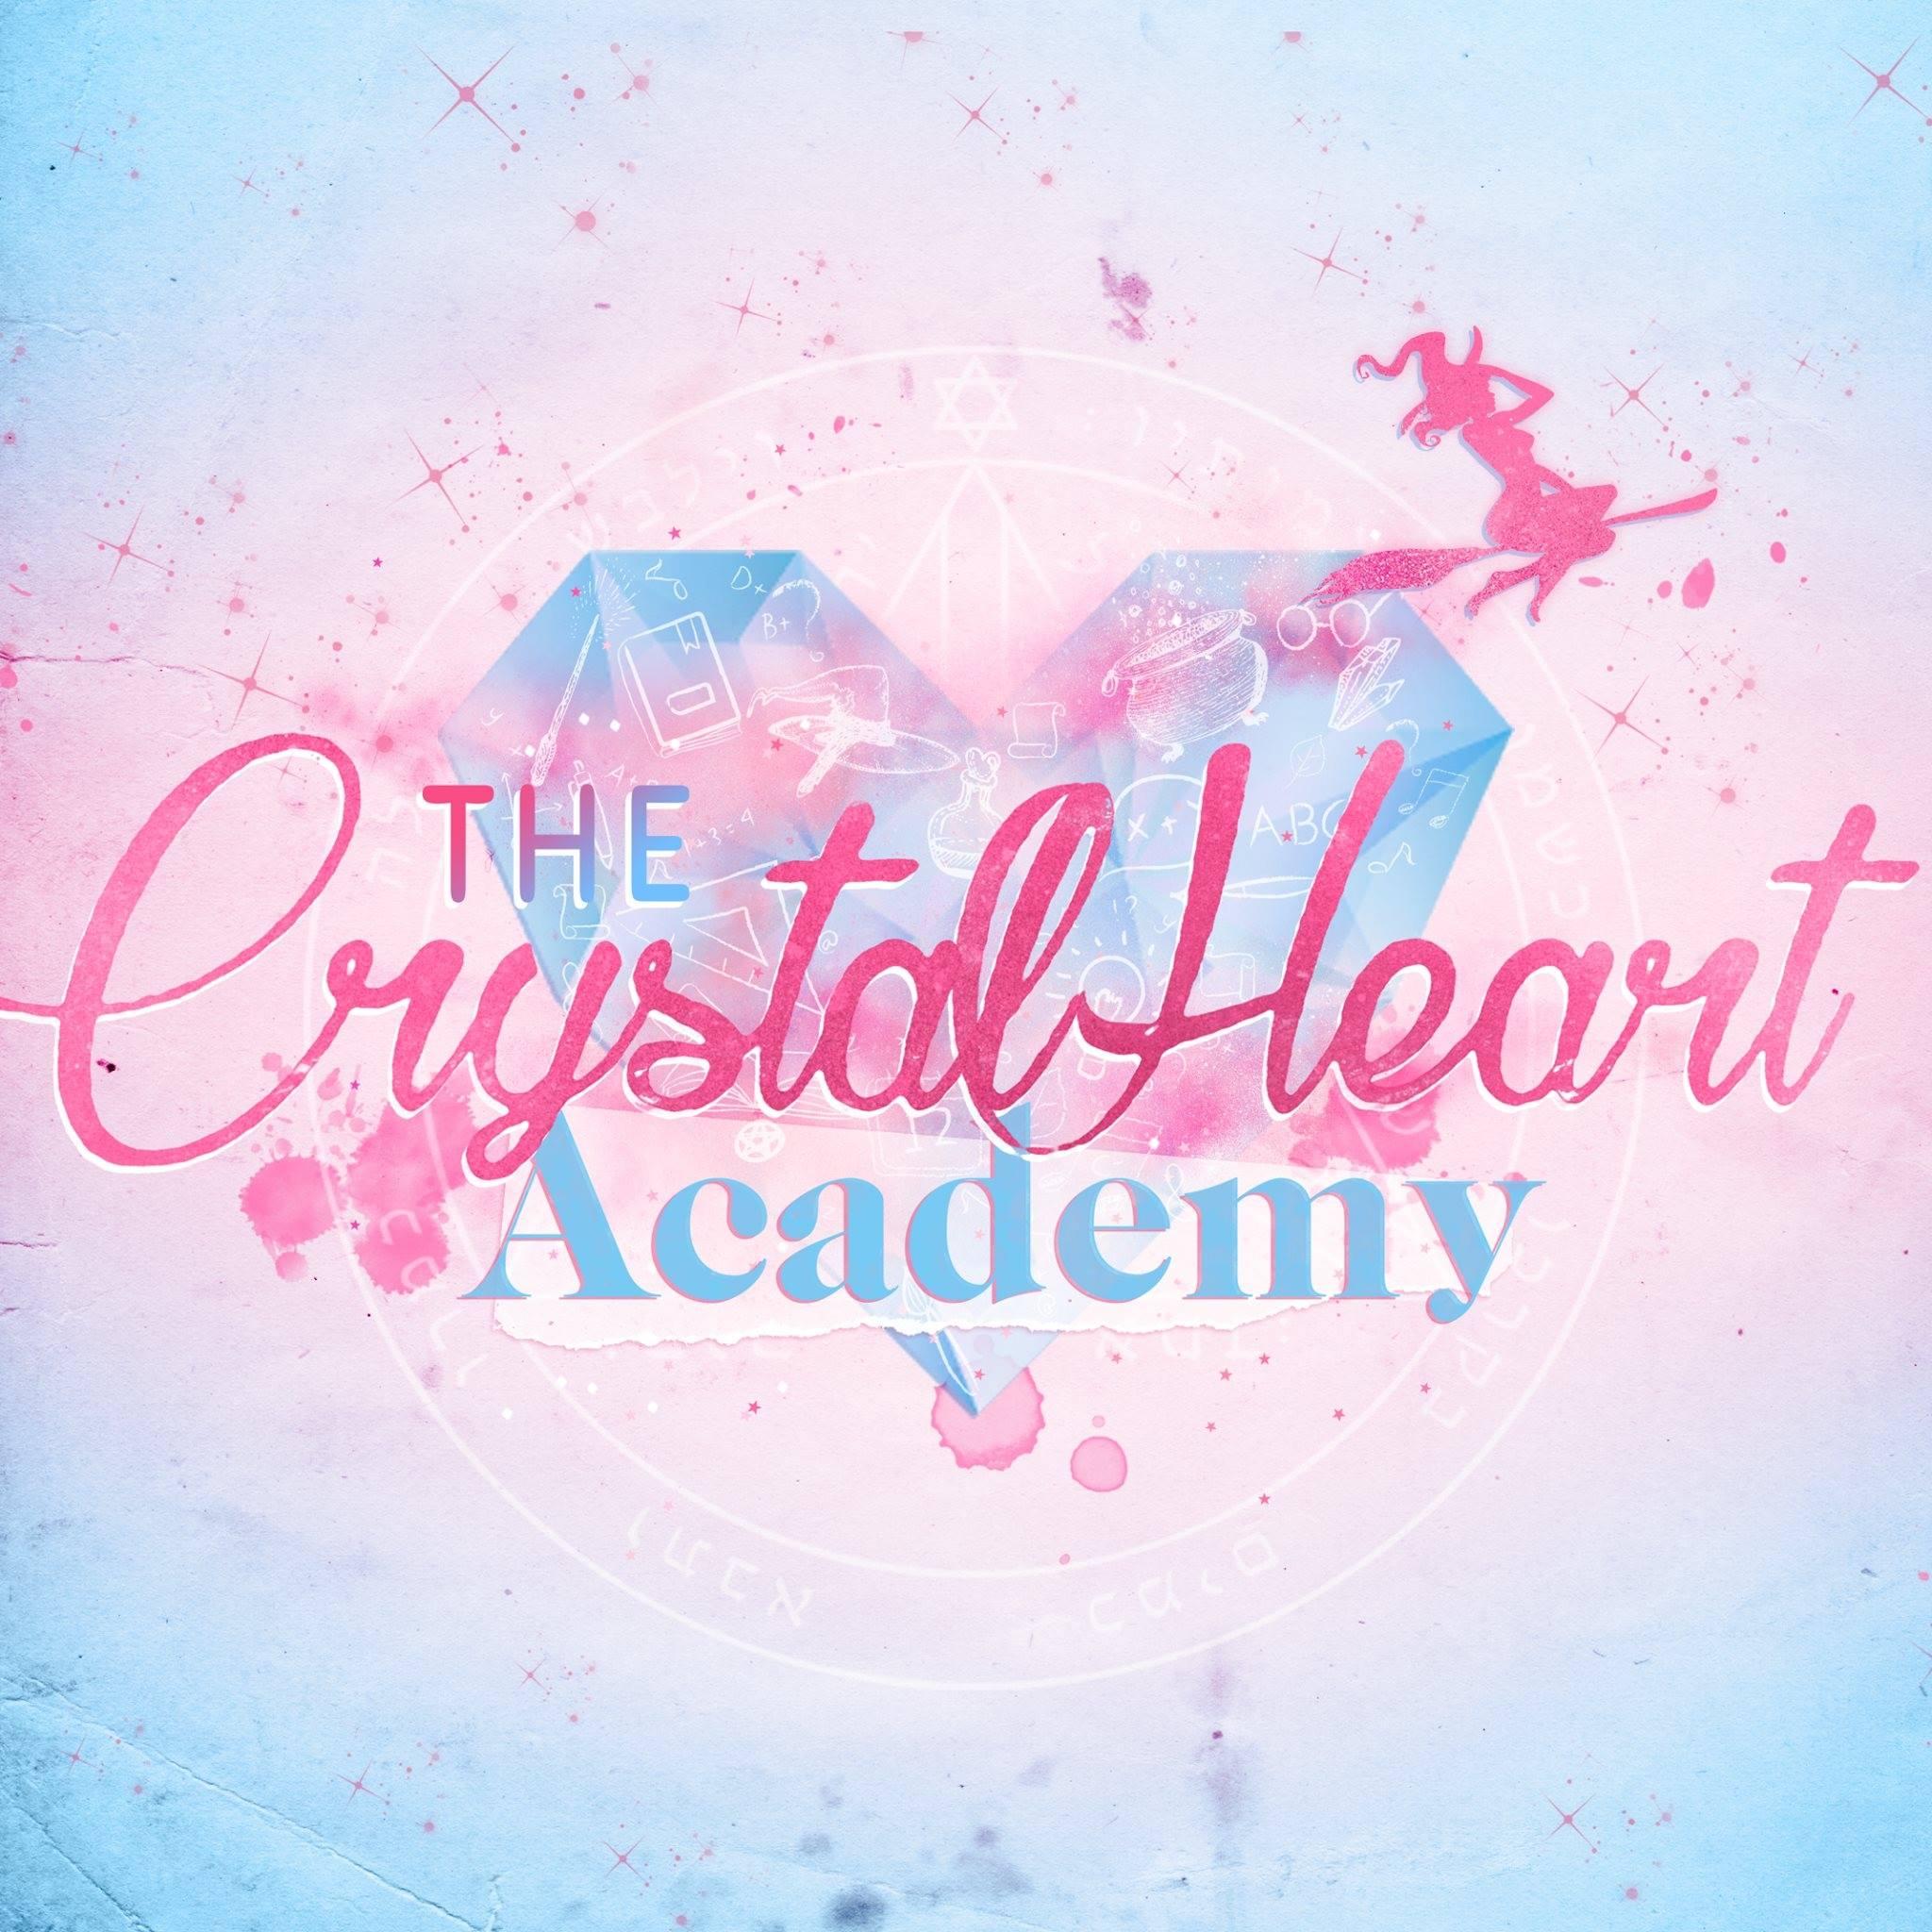 crystal heart academy